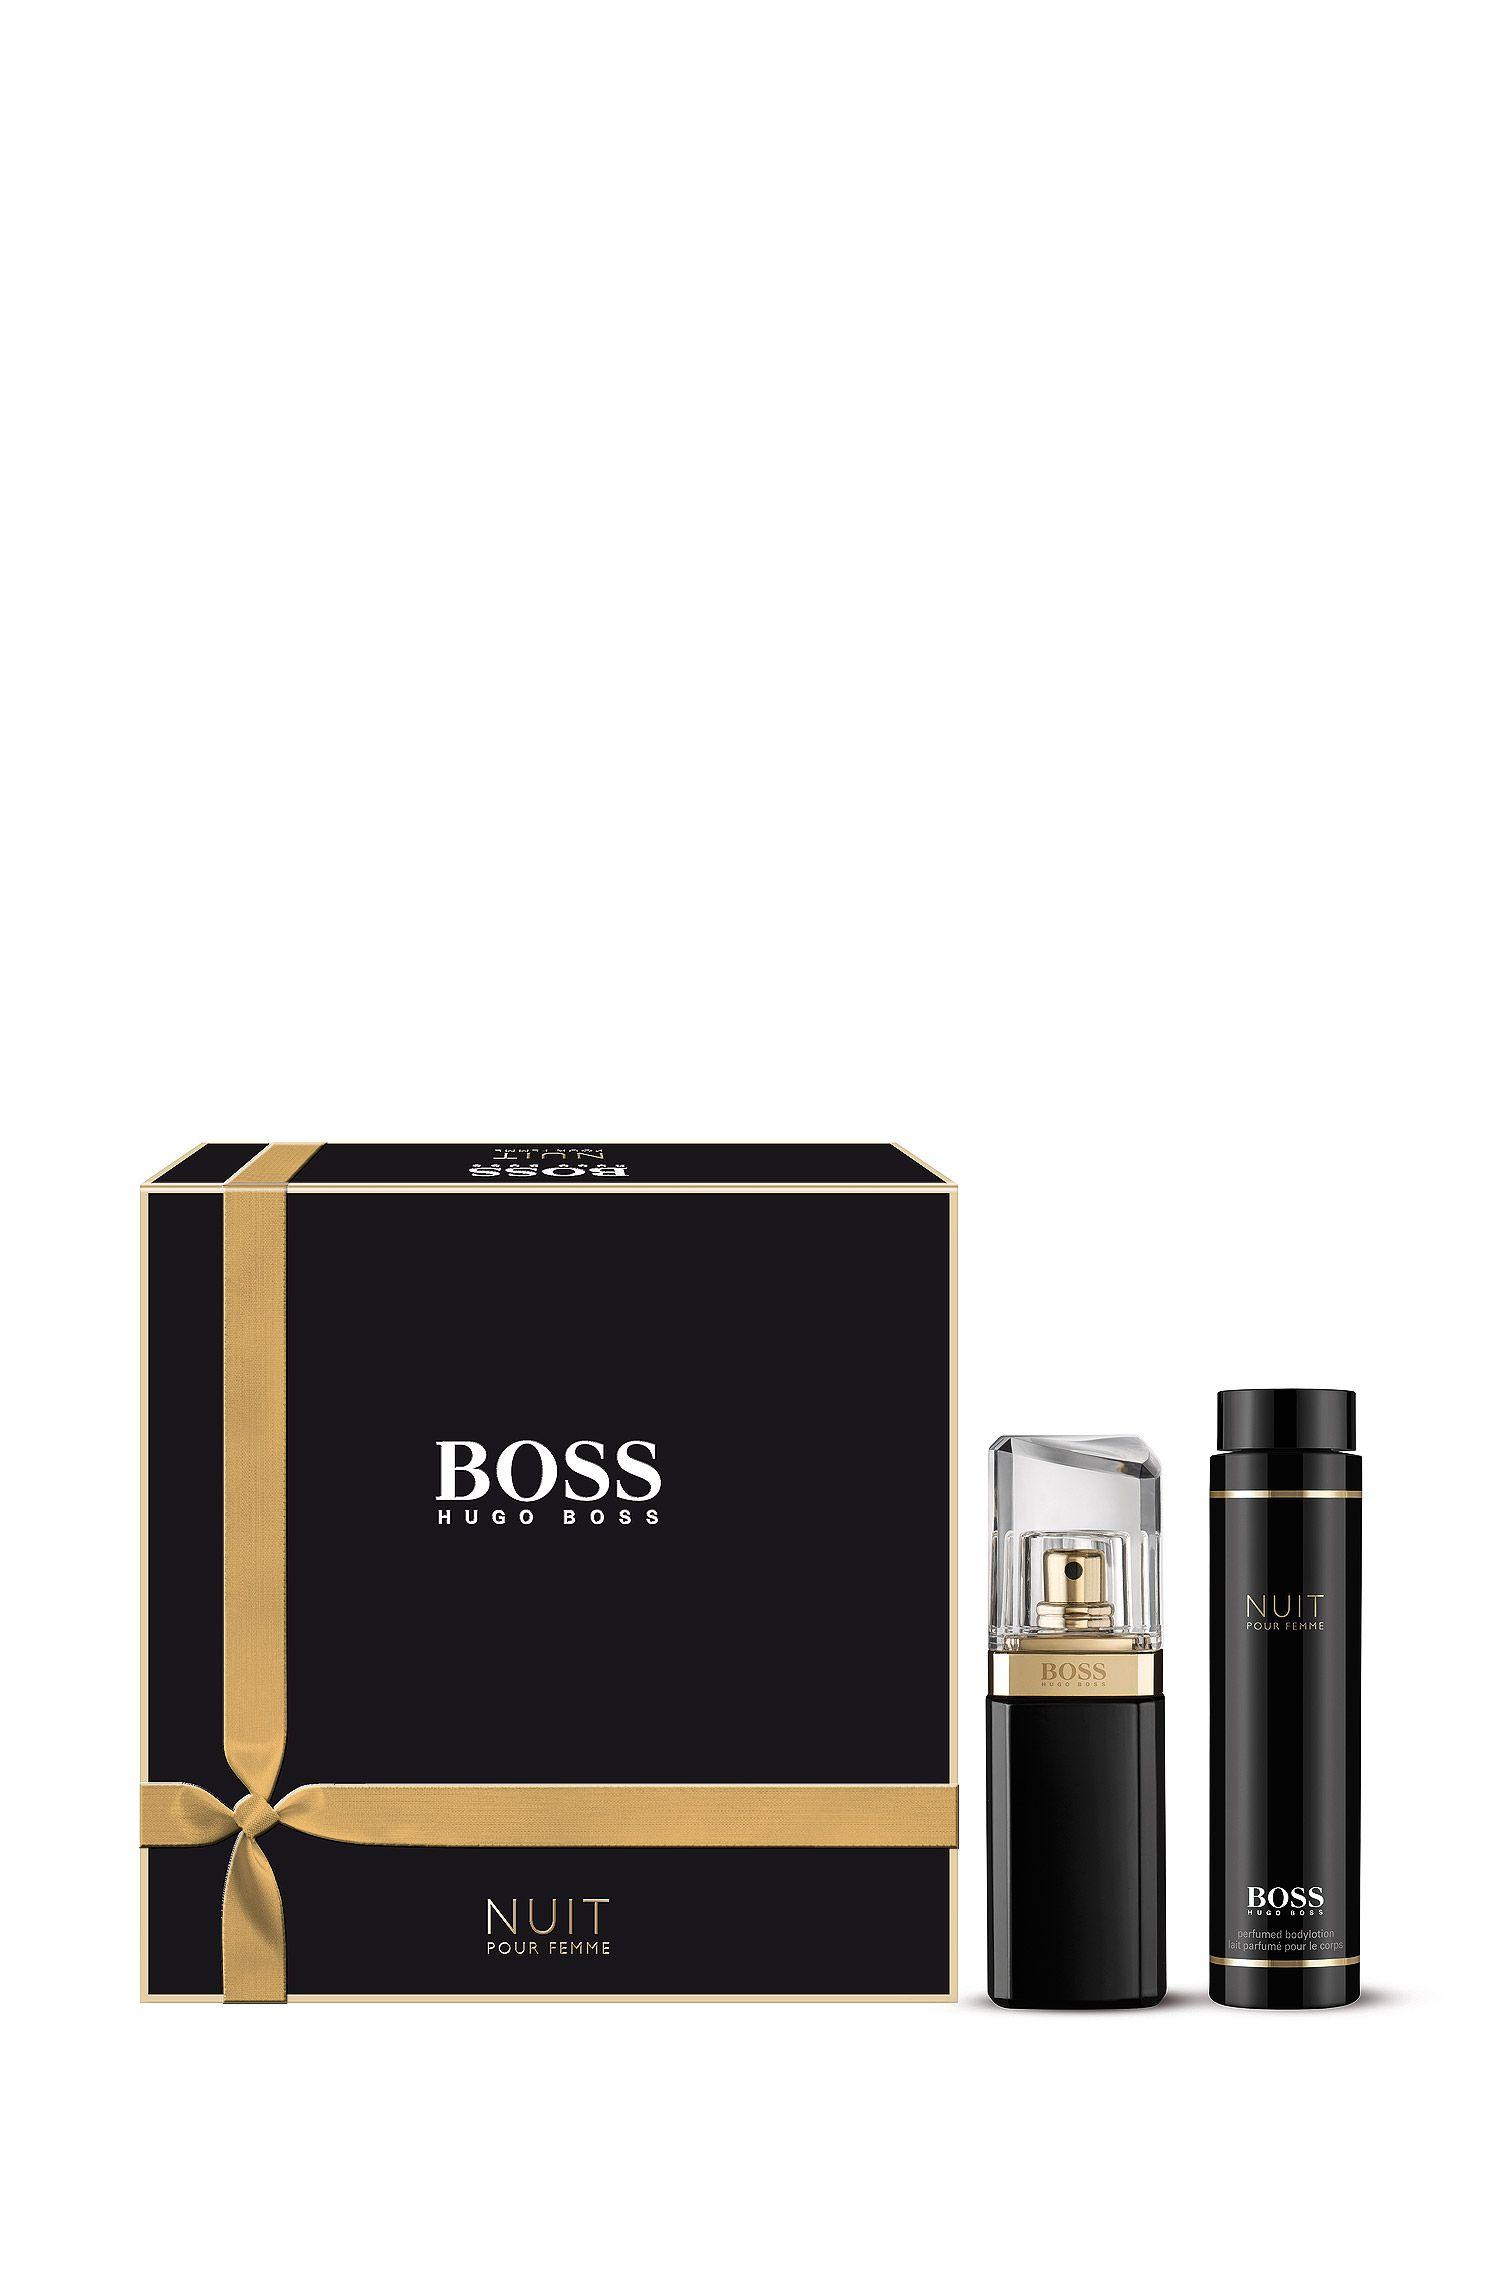 Coffret Cadeau Homme Hugo Boss Coffret Cadeau Boss Nuit